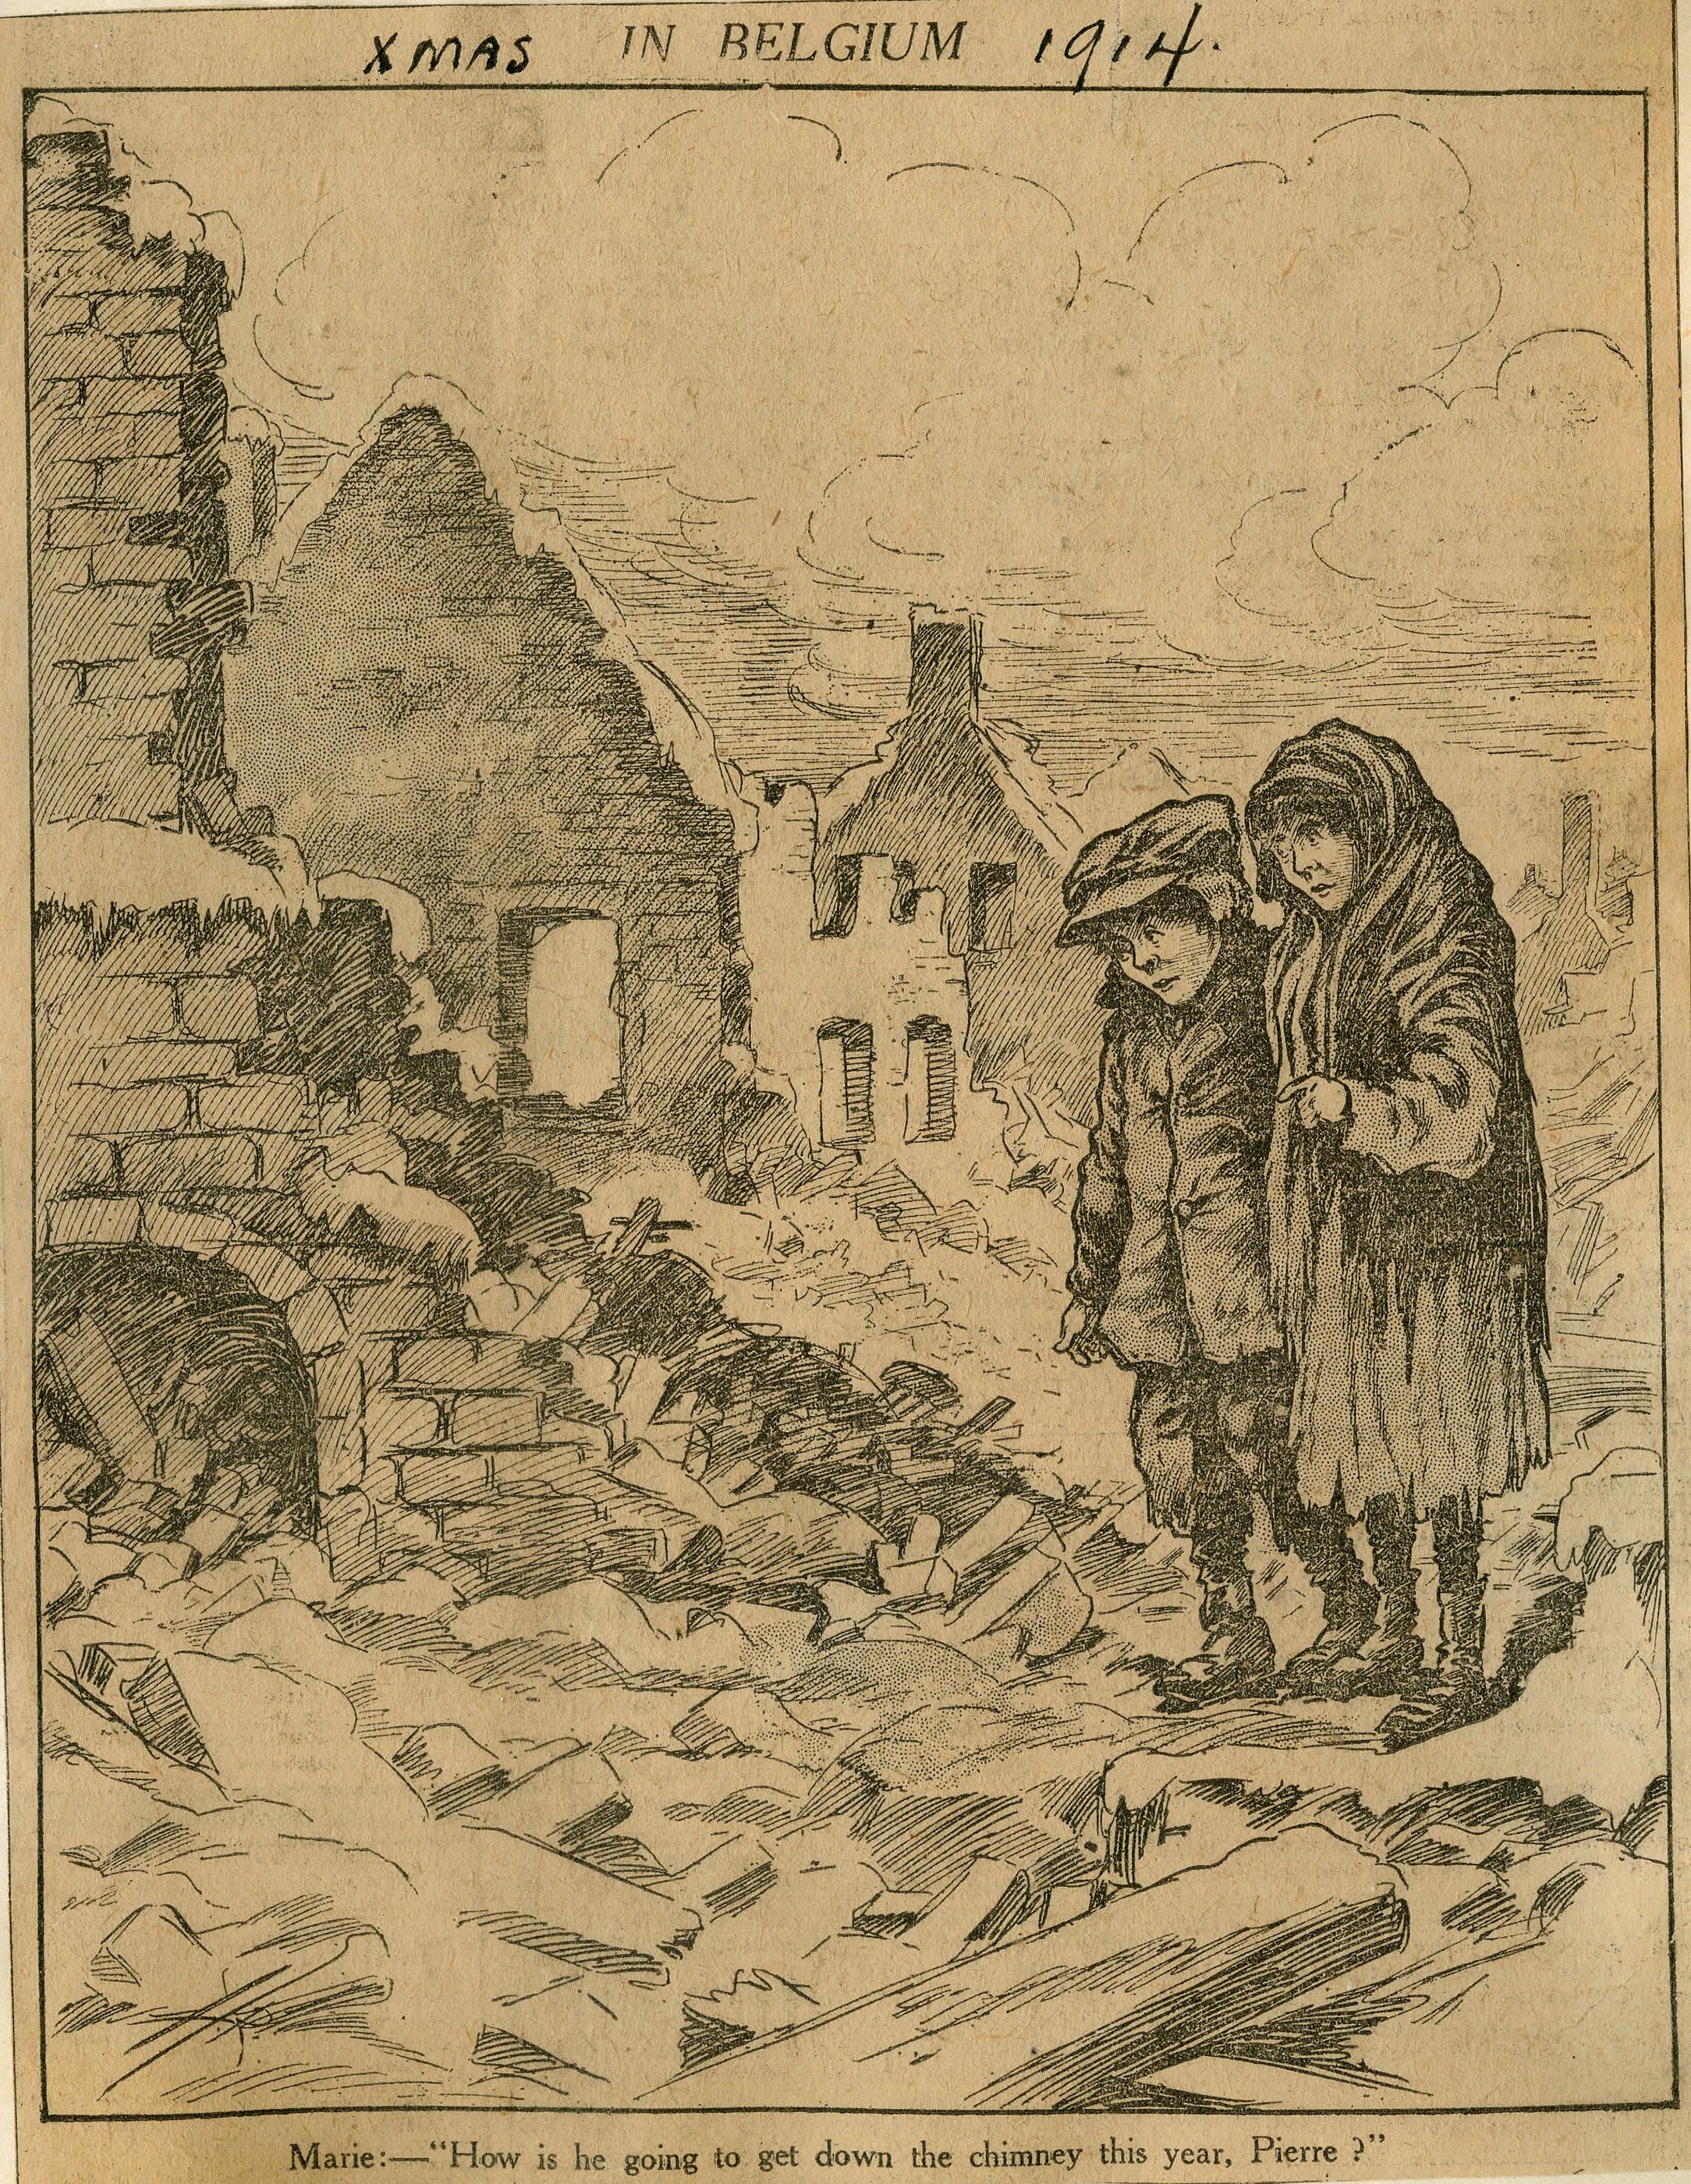 <i>Xmas in Belgium, 1914.</i>